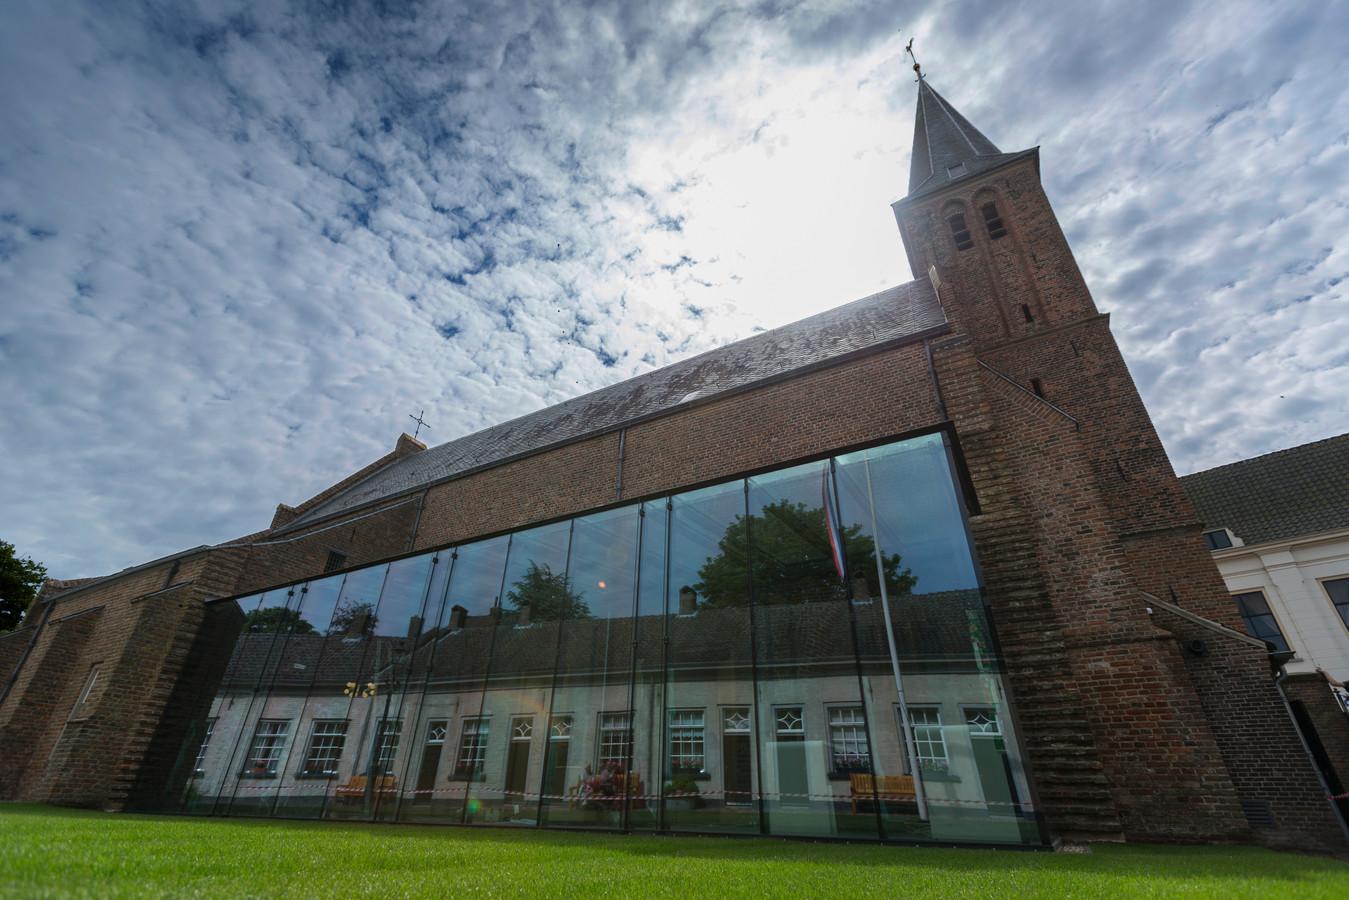 De glazen wand tegen de Gasthuiskerk weerspiegelt de monumentale huisjes van het Doesburgse Gasthuishofje.